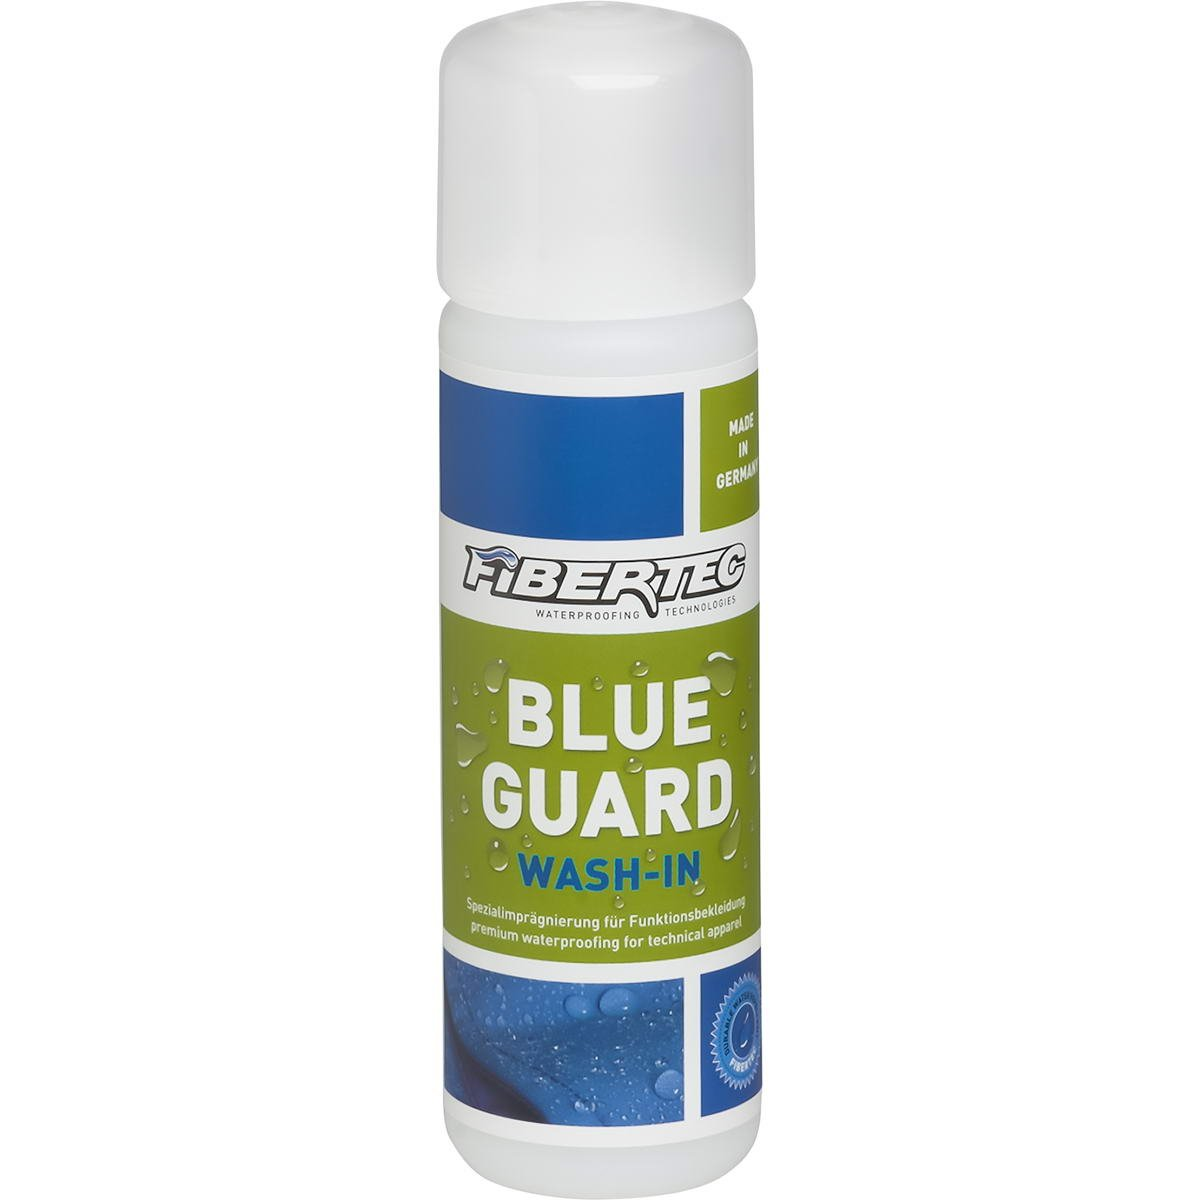 FIBERTEC Blue Guard Wash en 250ML